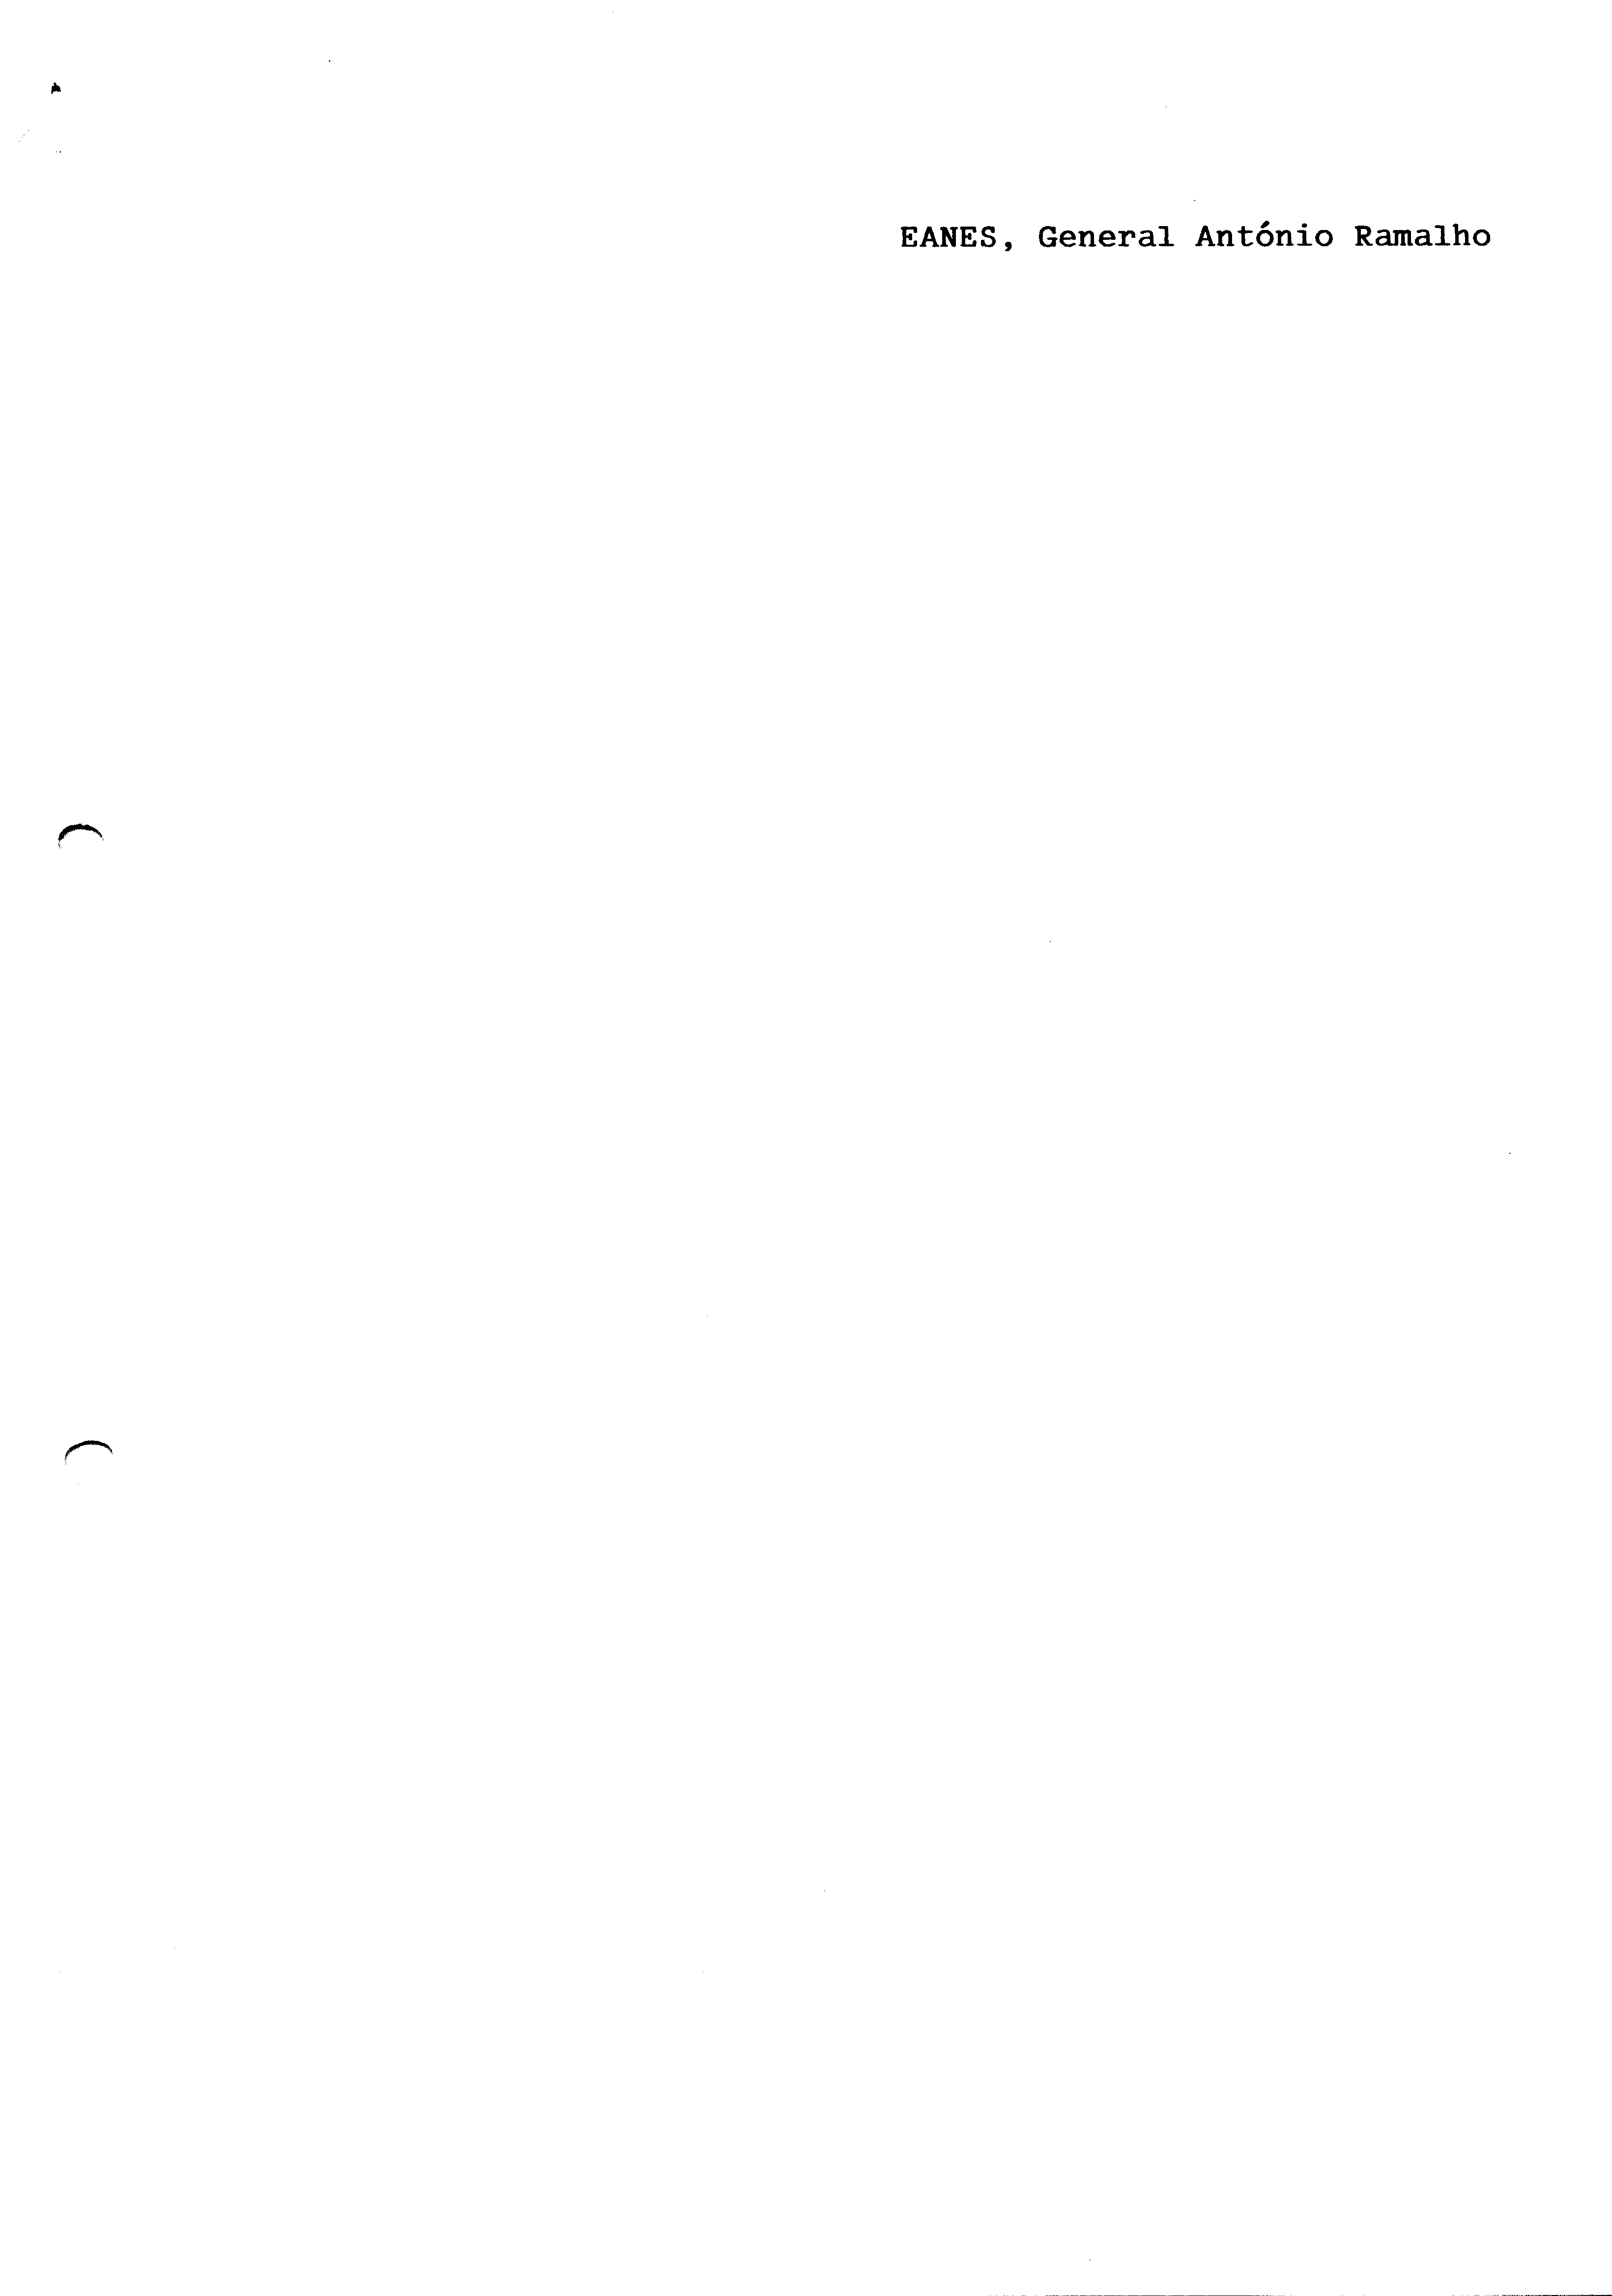 01895.010- pag.1